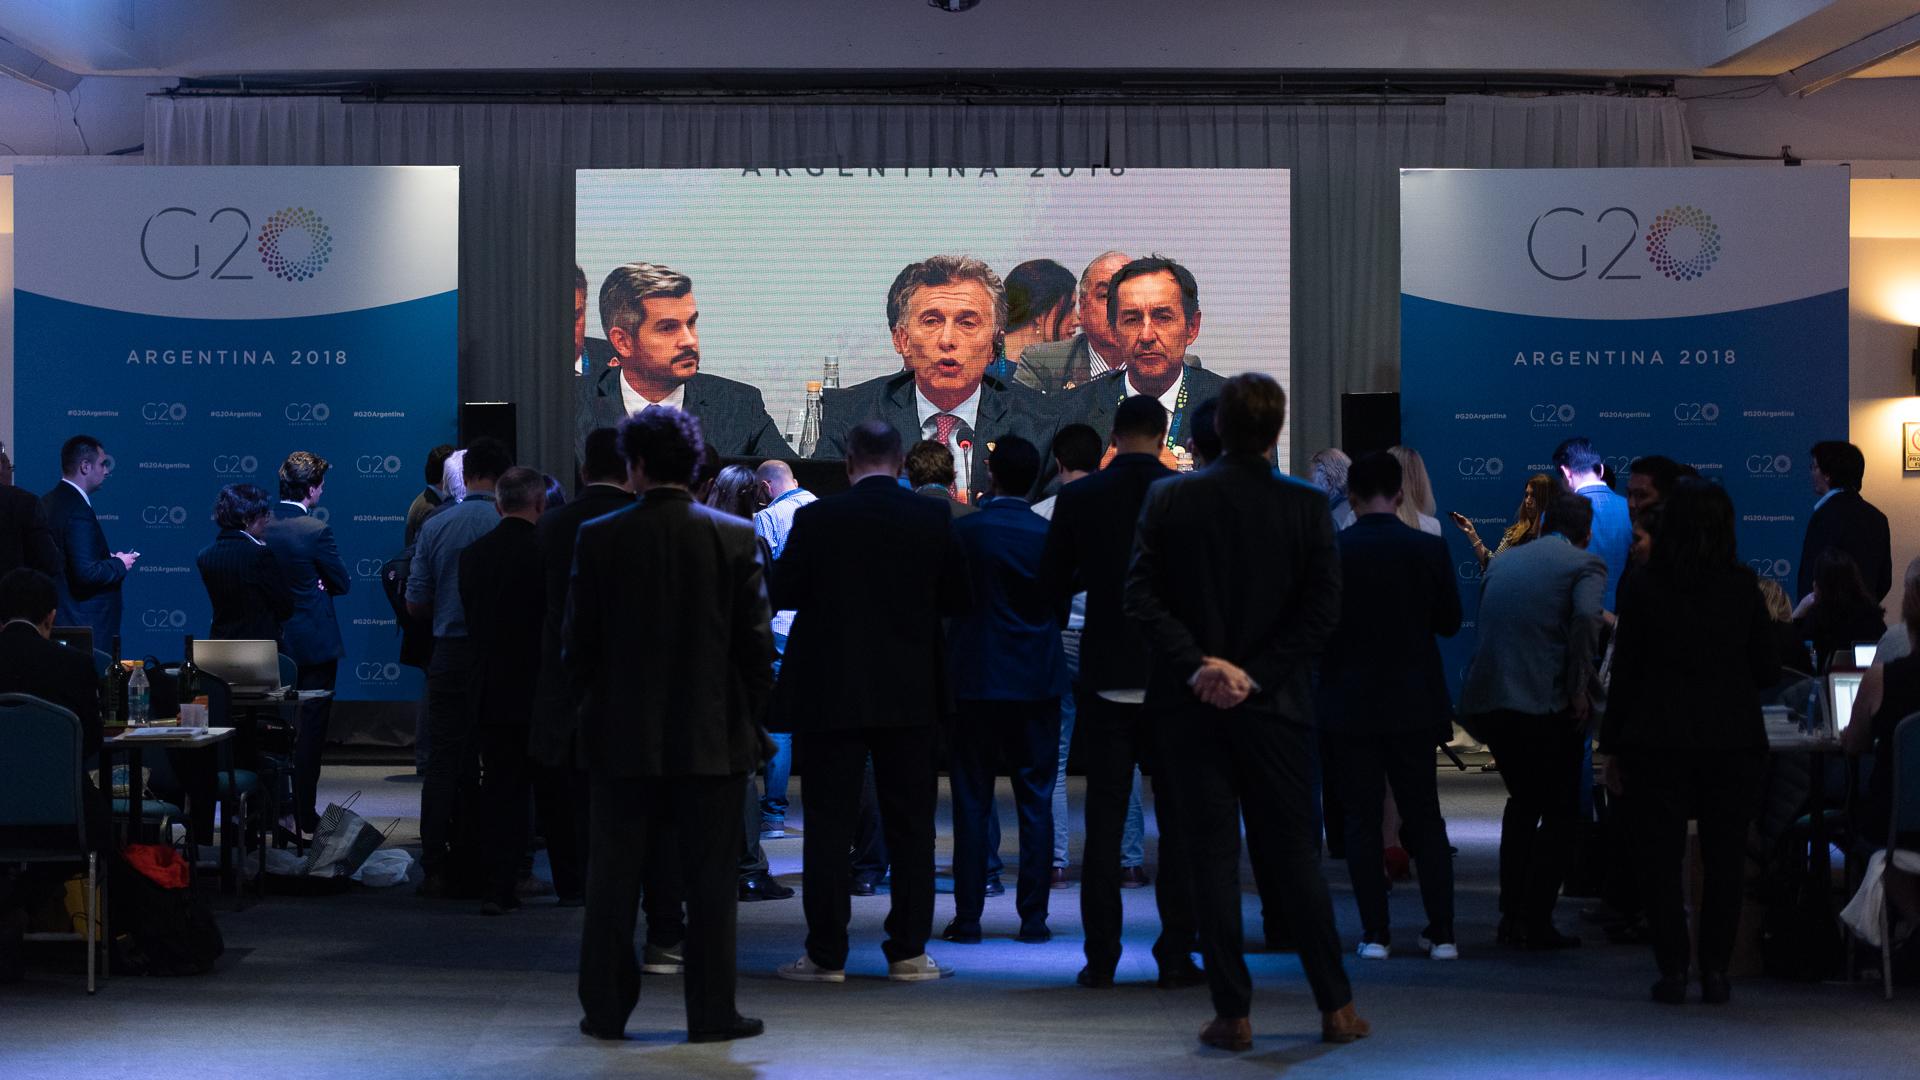 El presidente Mauricio Macri en una de las pantallas del centro de prensa